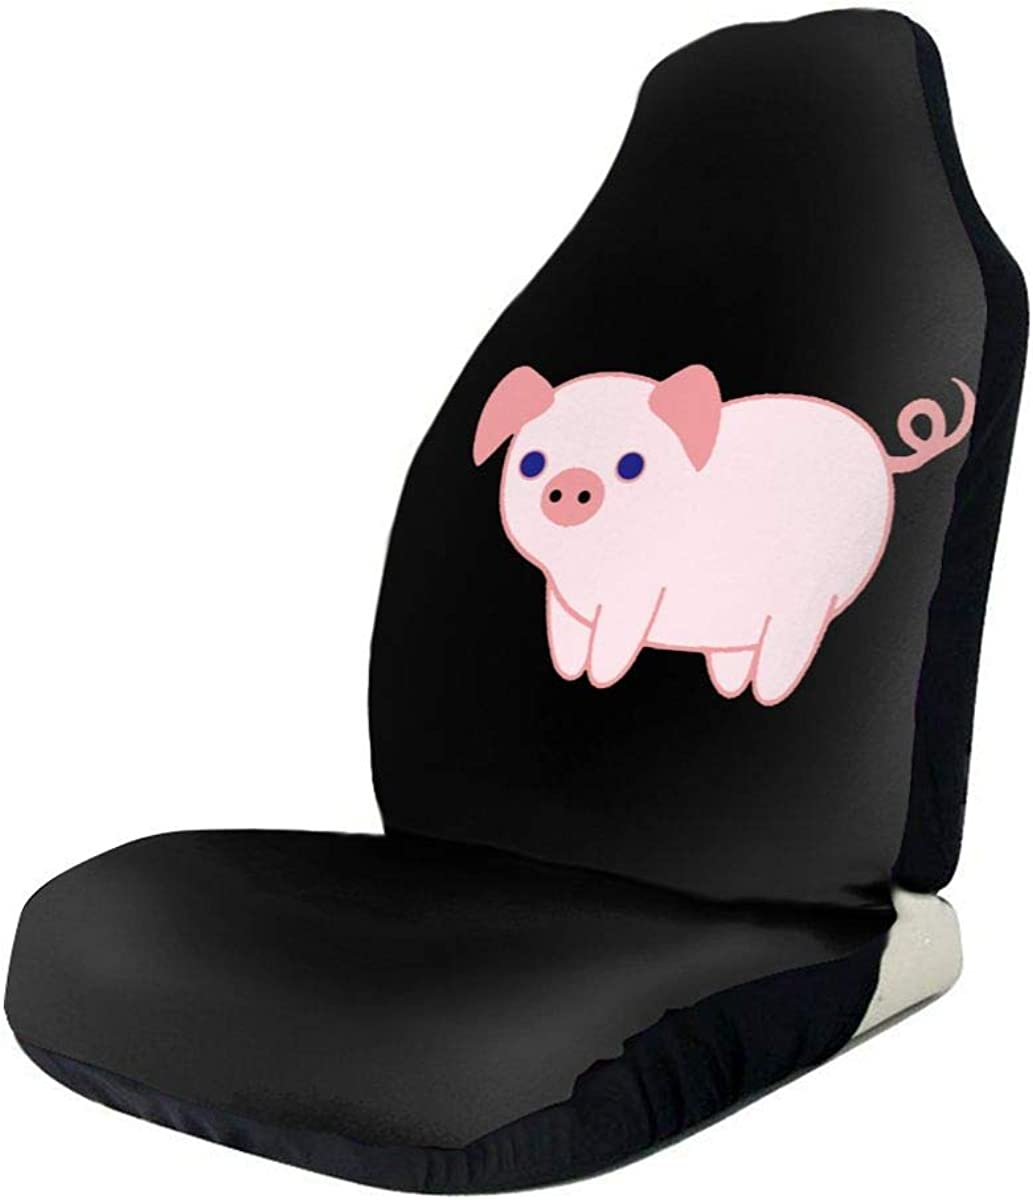 Niedlicher Cartoon Schwein Autositzbezug Set Universal Fit Die meisten Autos